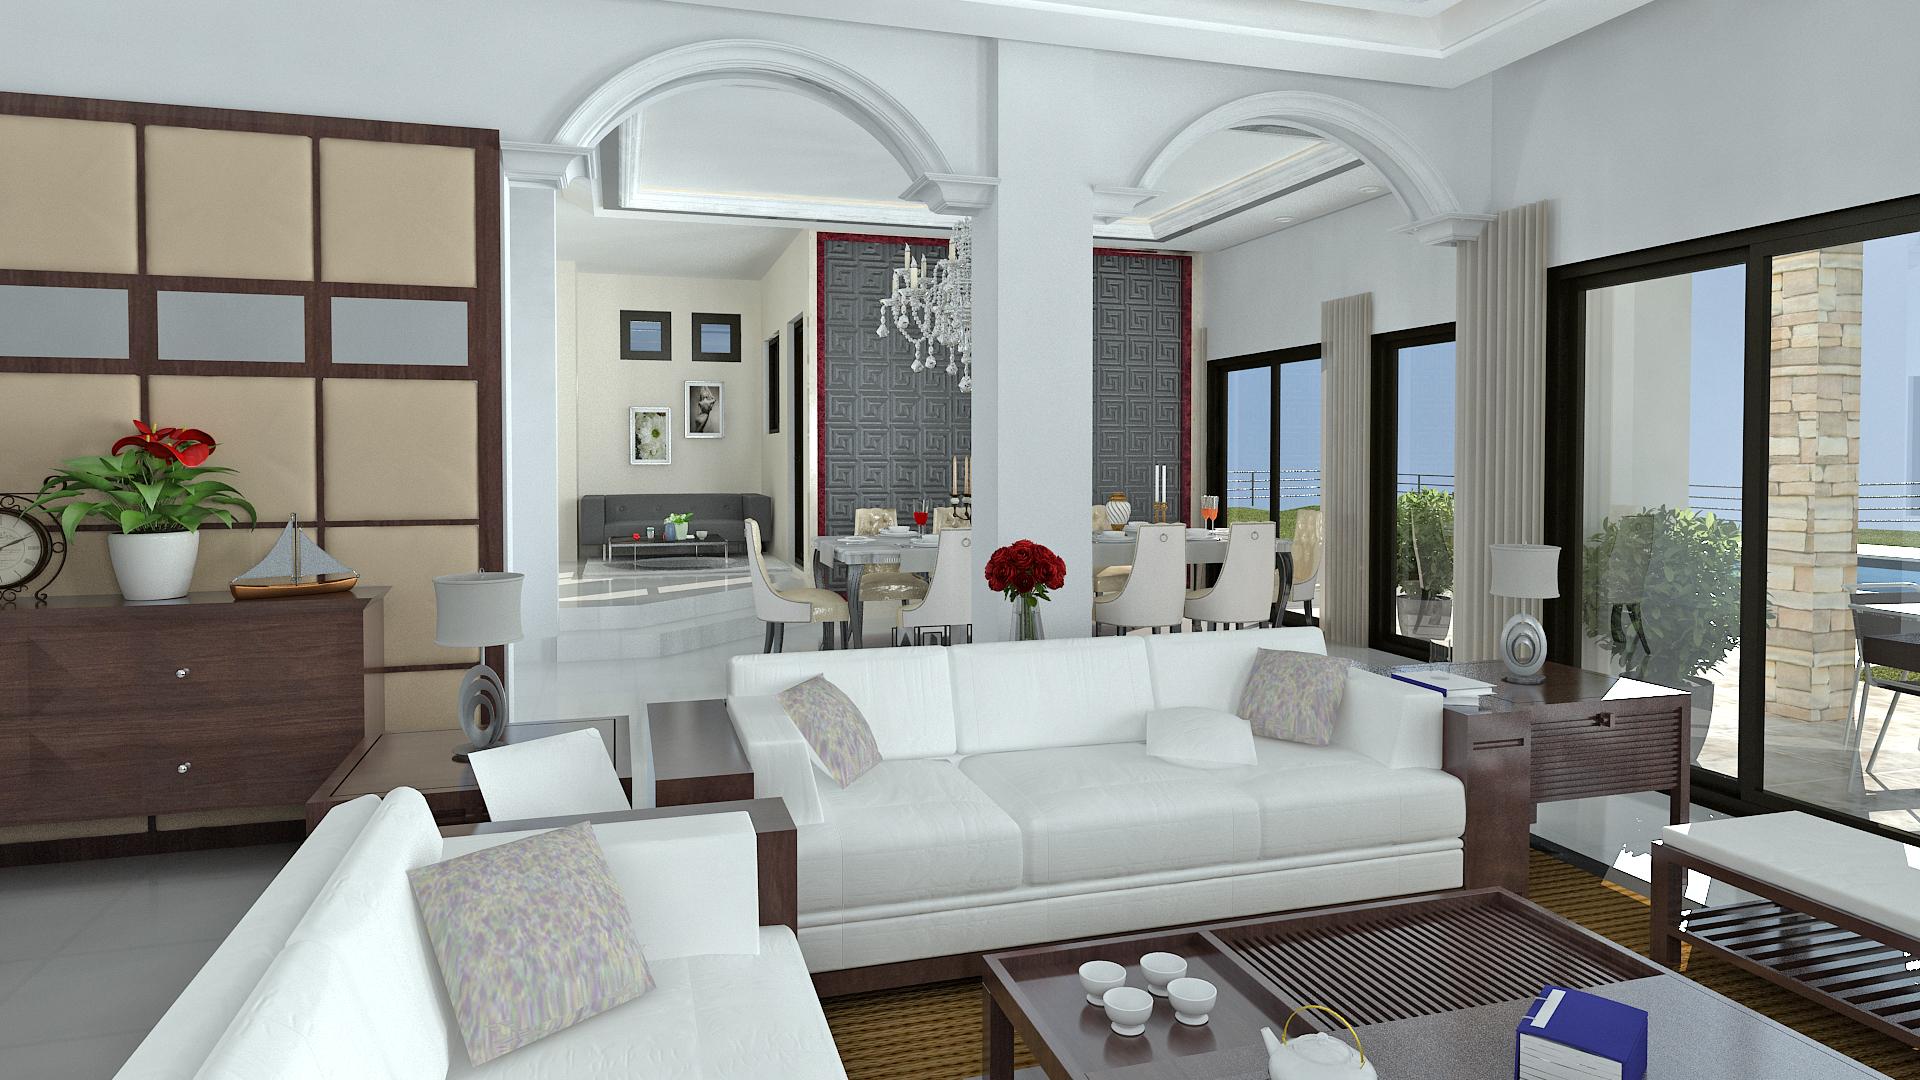 3d Room Design Free Download